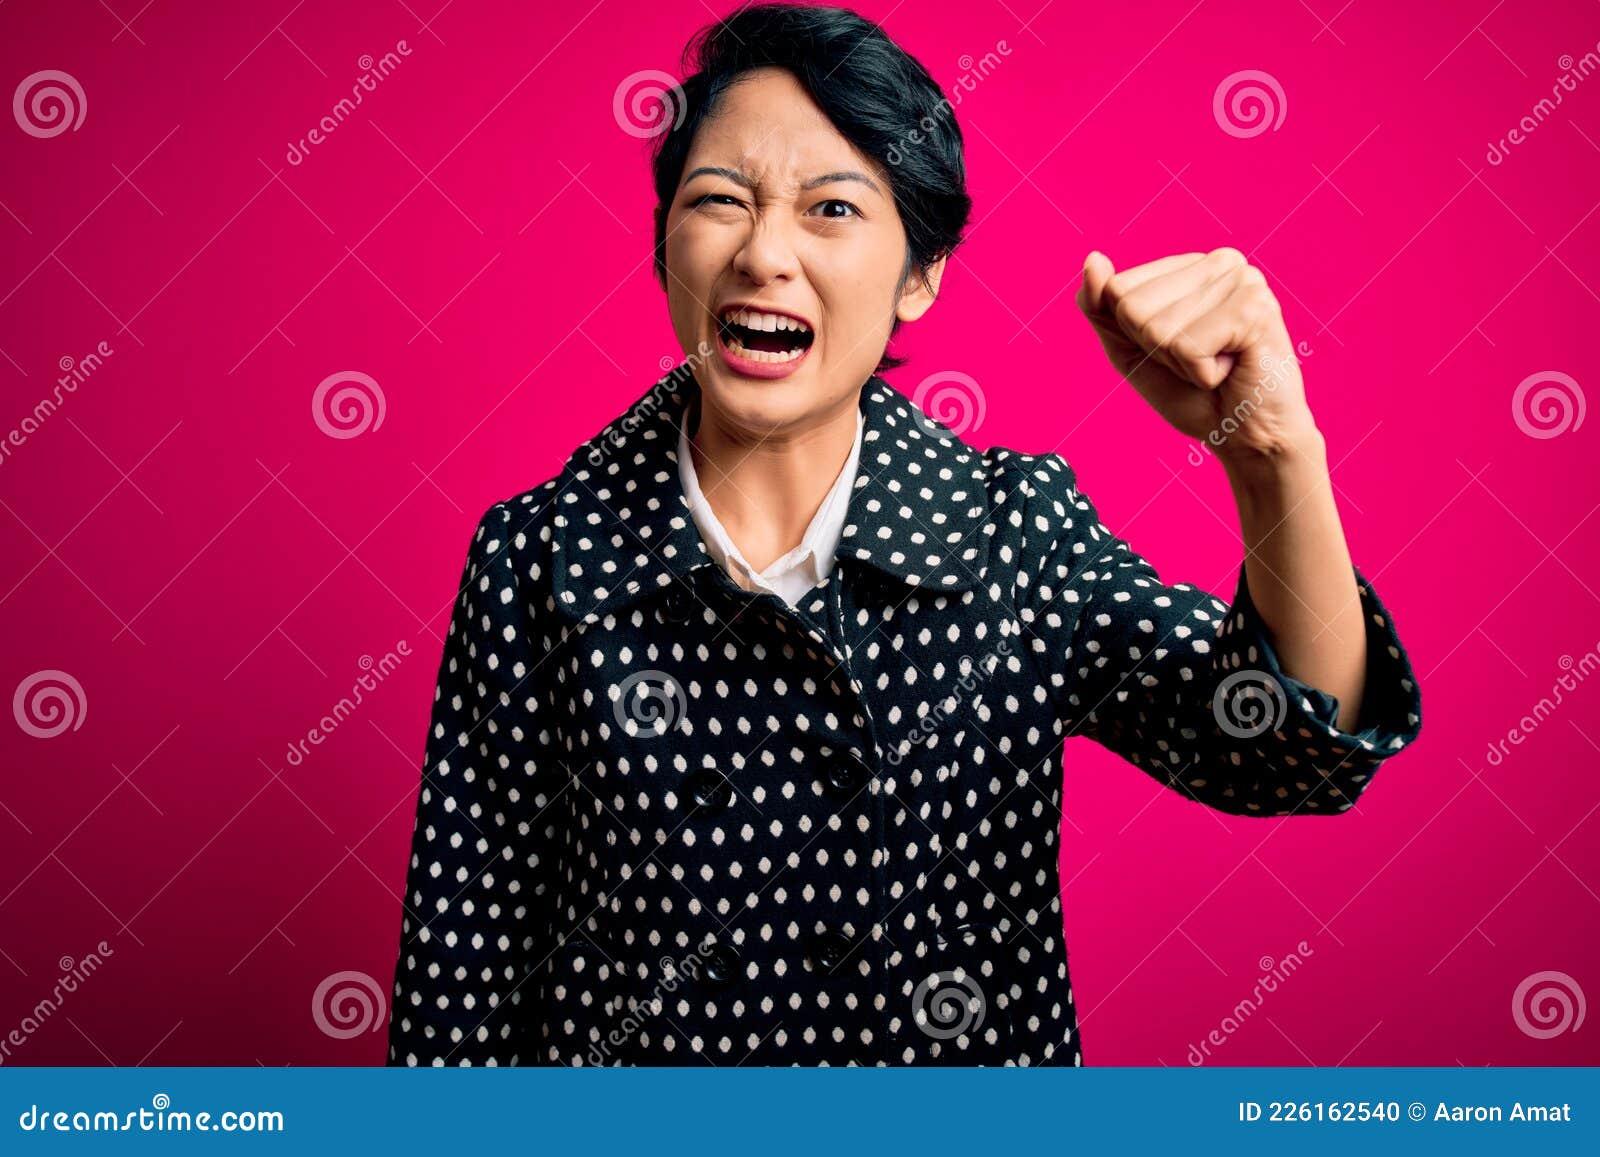 Young Beautiful Asian Girl Wearing Casual Jacket Standing